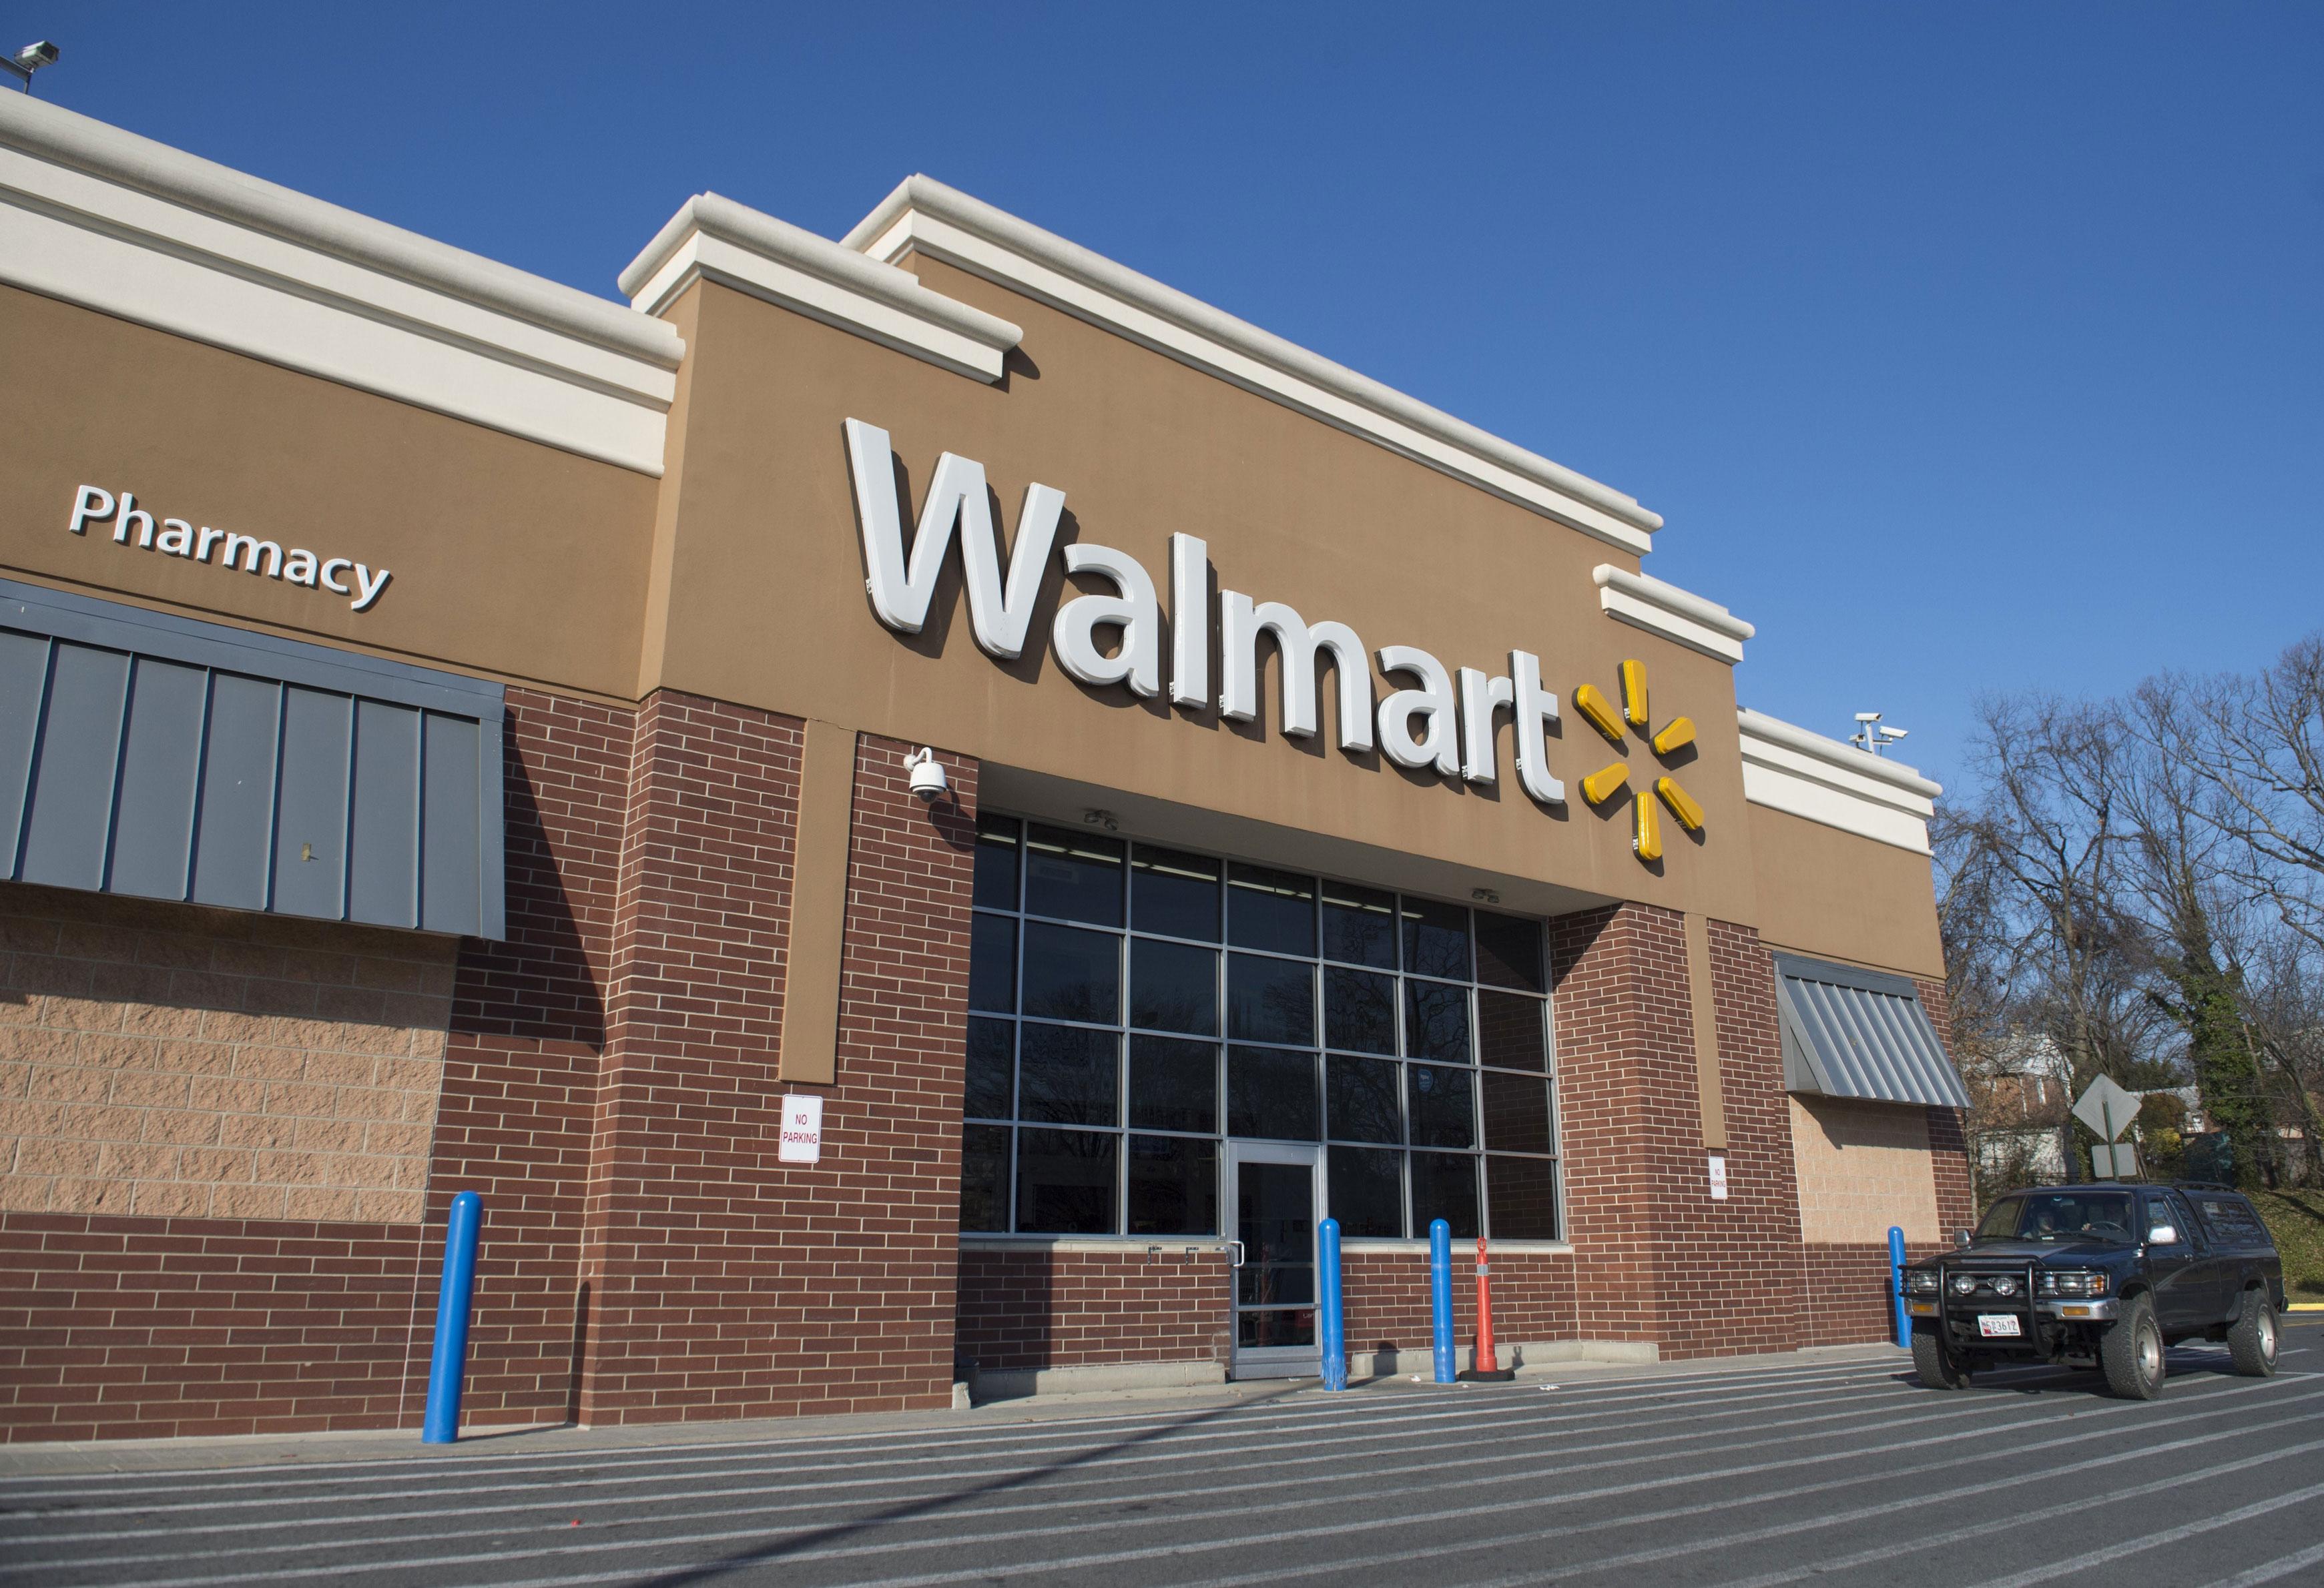 techcrunch.com - Sarah Perez - Walmart passes Apple to become No. 3 online retailer in U.S.